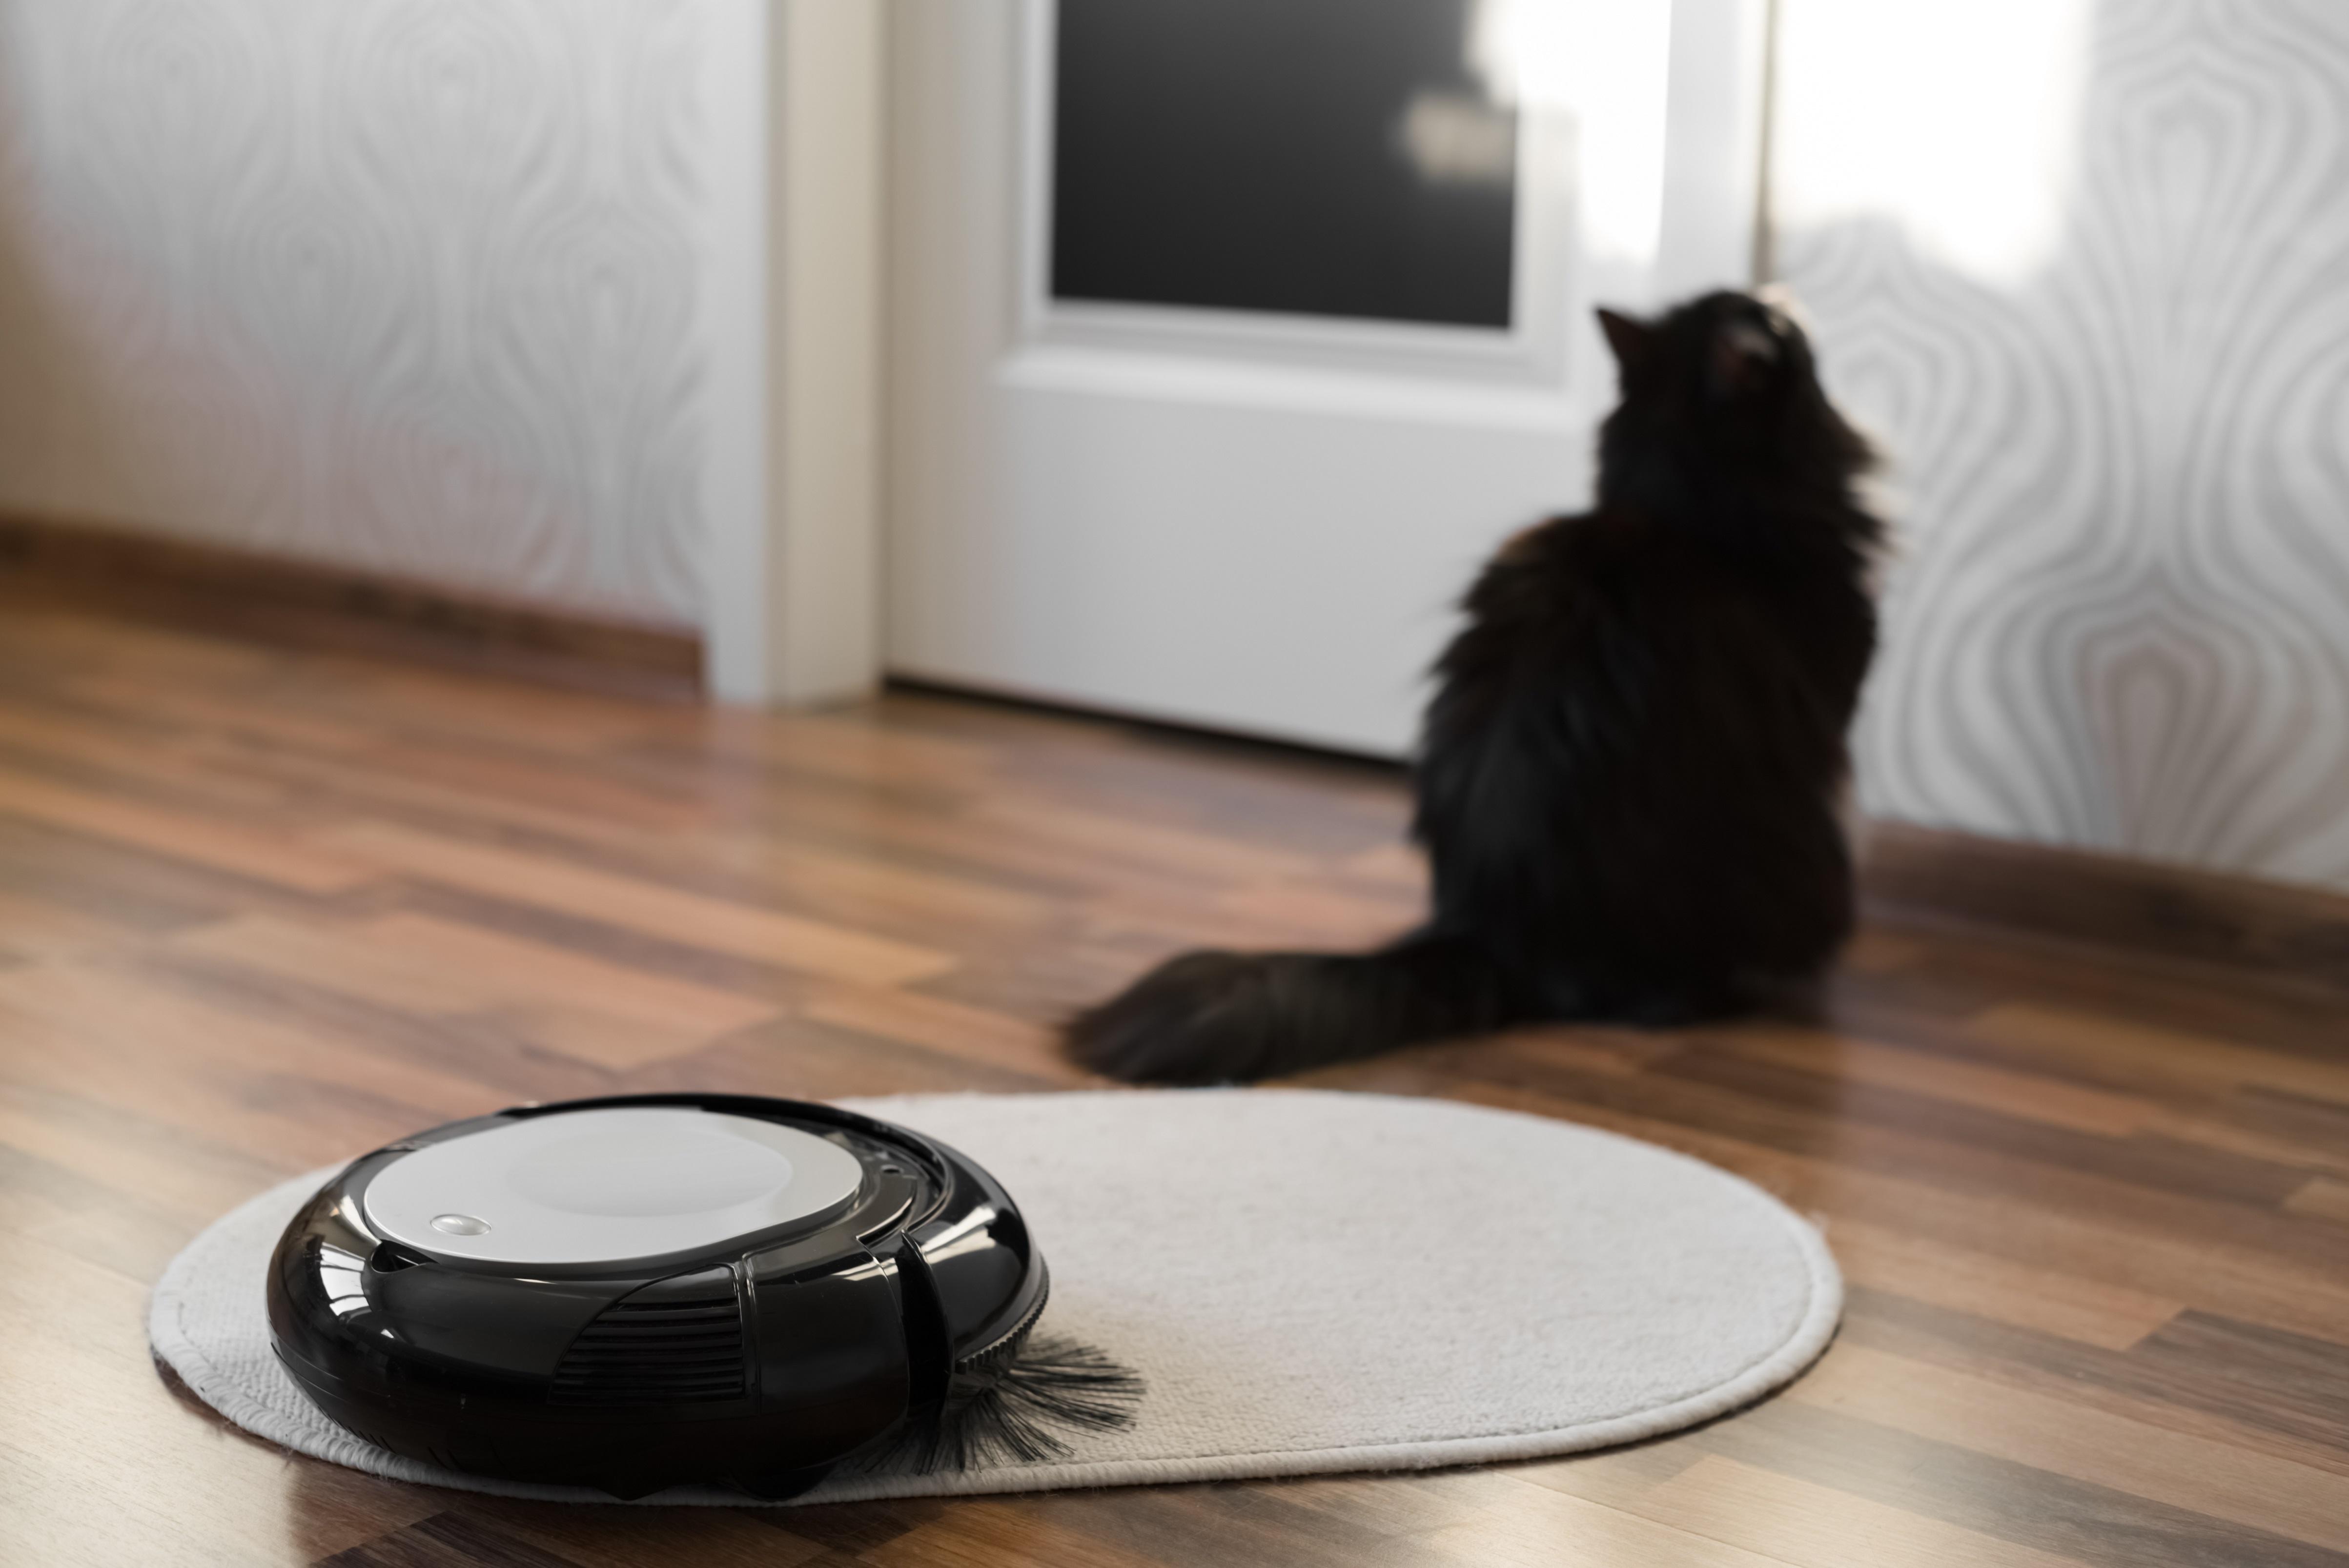 praktischer saugroboter f r tierhaare. Black Bedroom Furniture Sets. Home Design Ideas